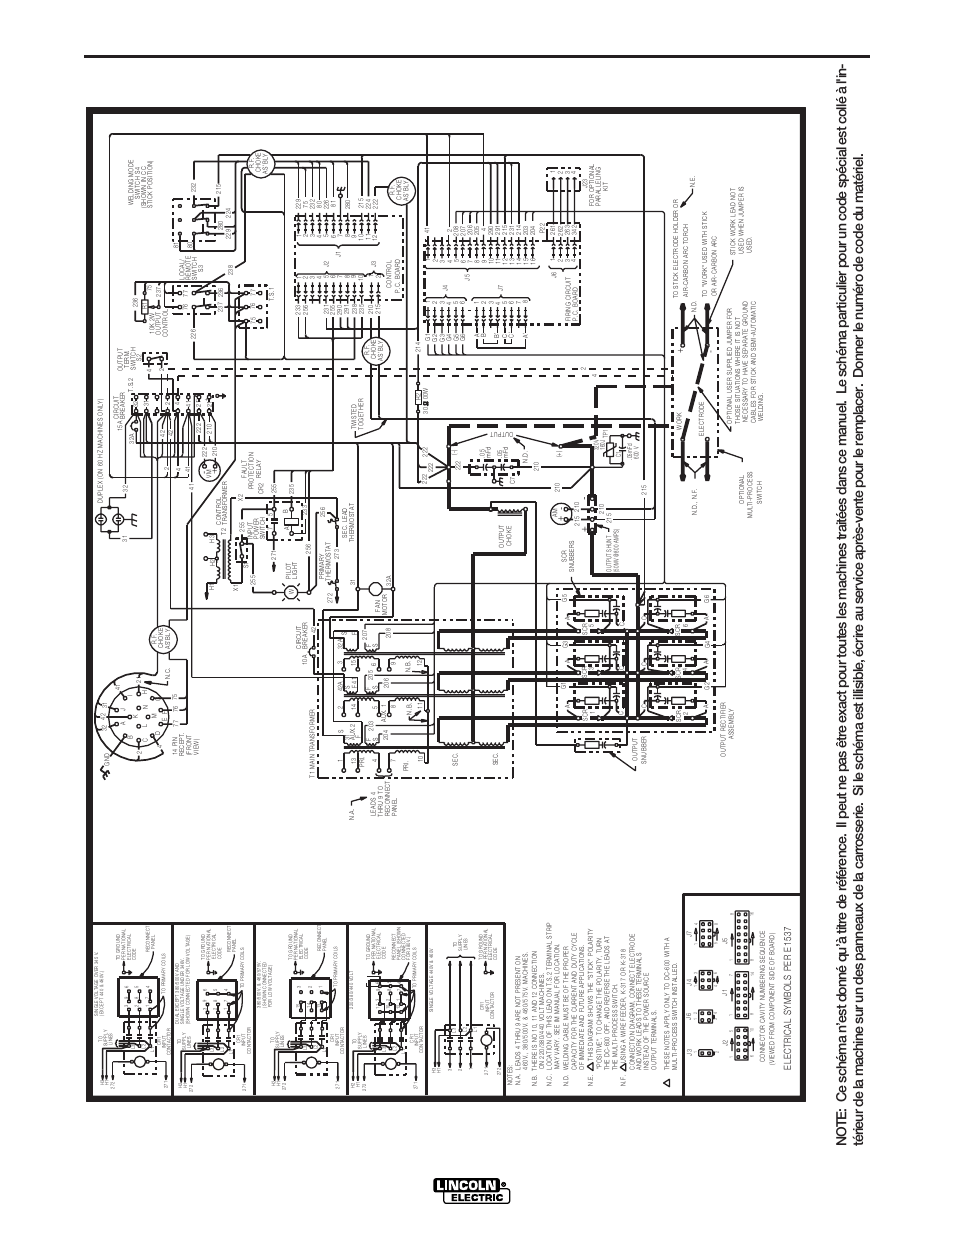 lincoln arc welder 220 wiring diagram